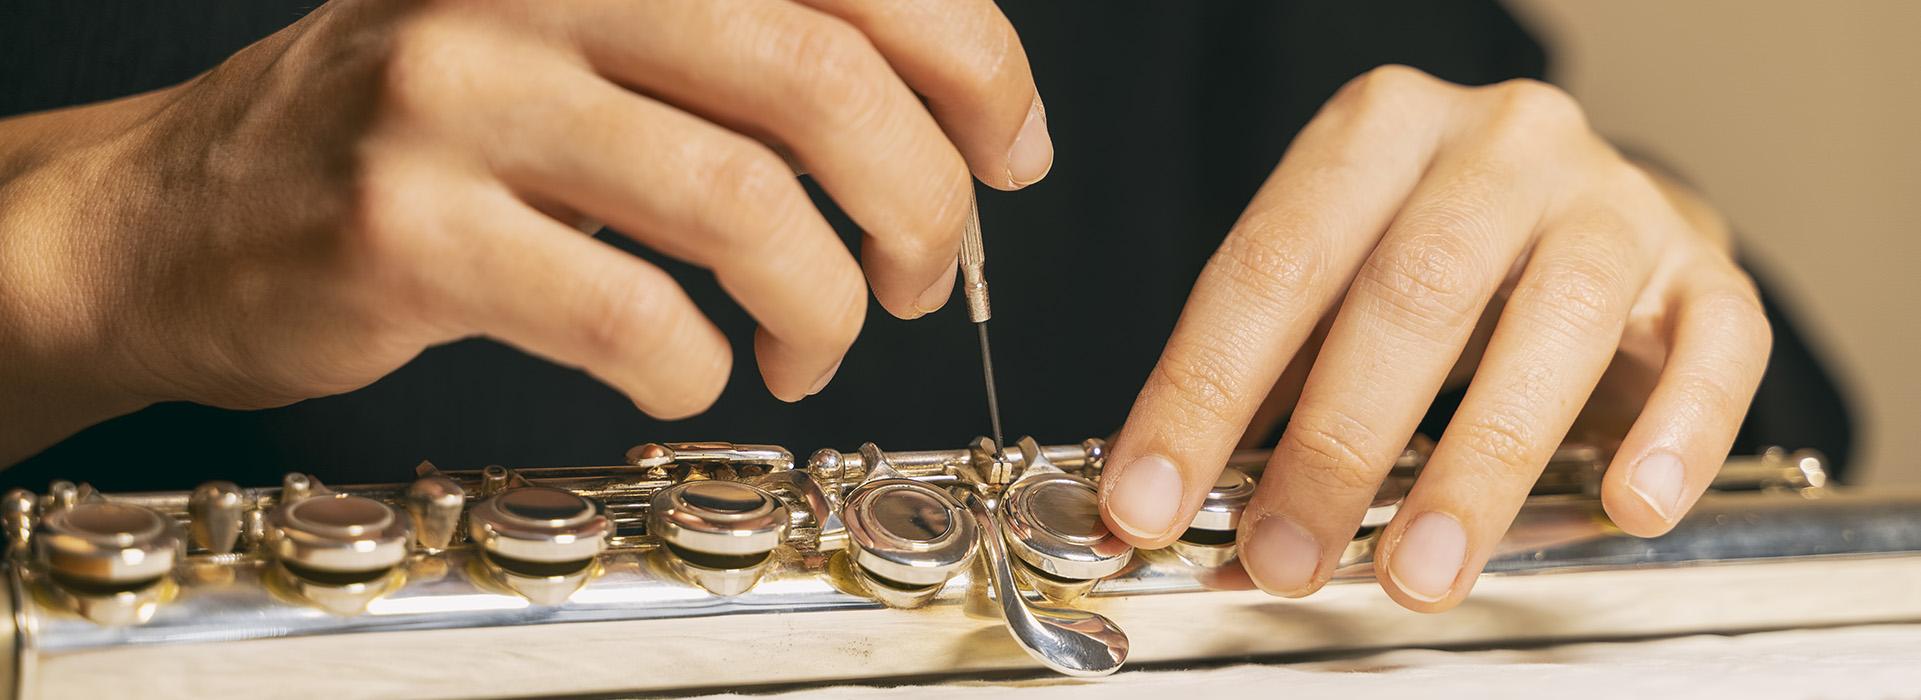 Курс по регулировке и уходу за инструментом (флейта)